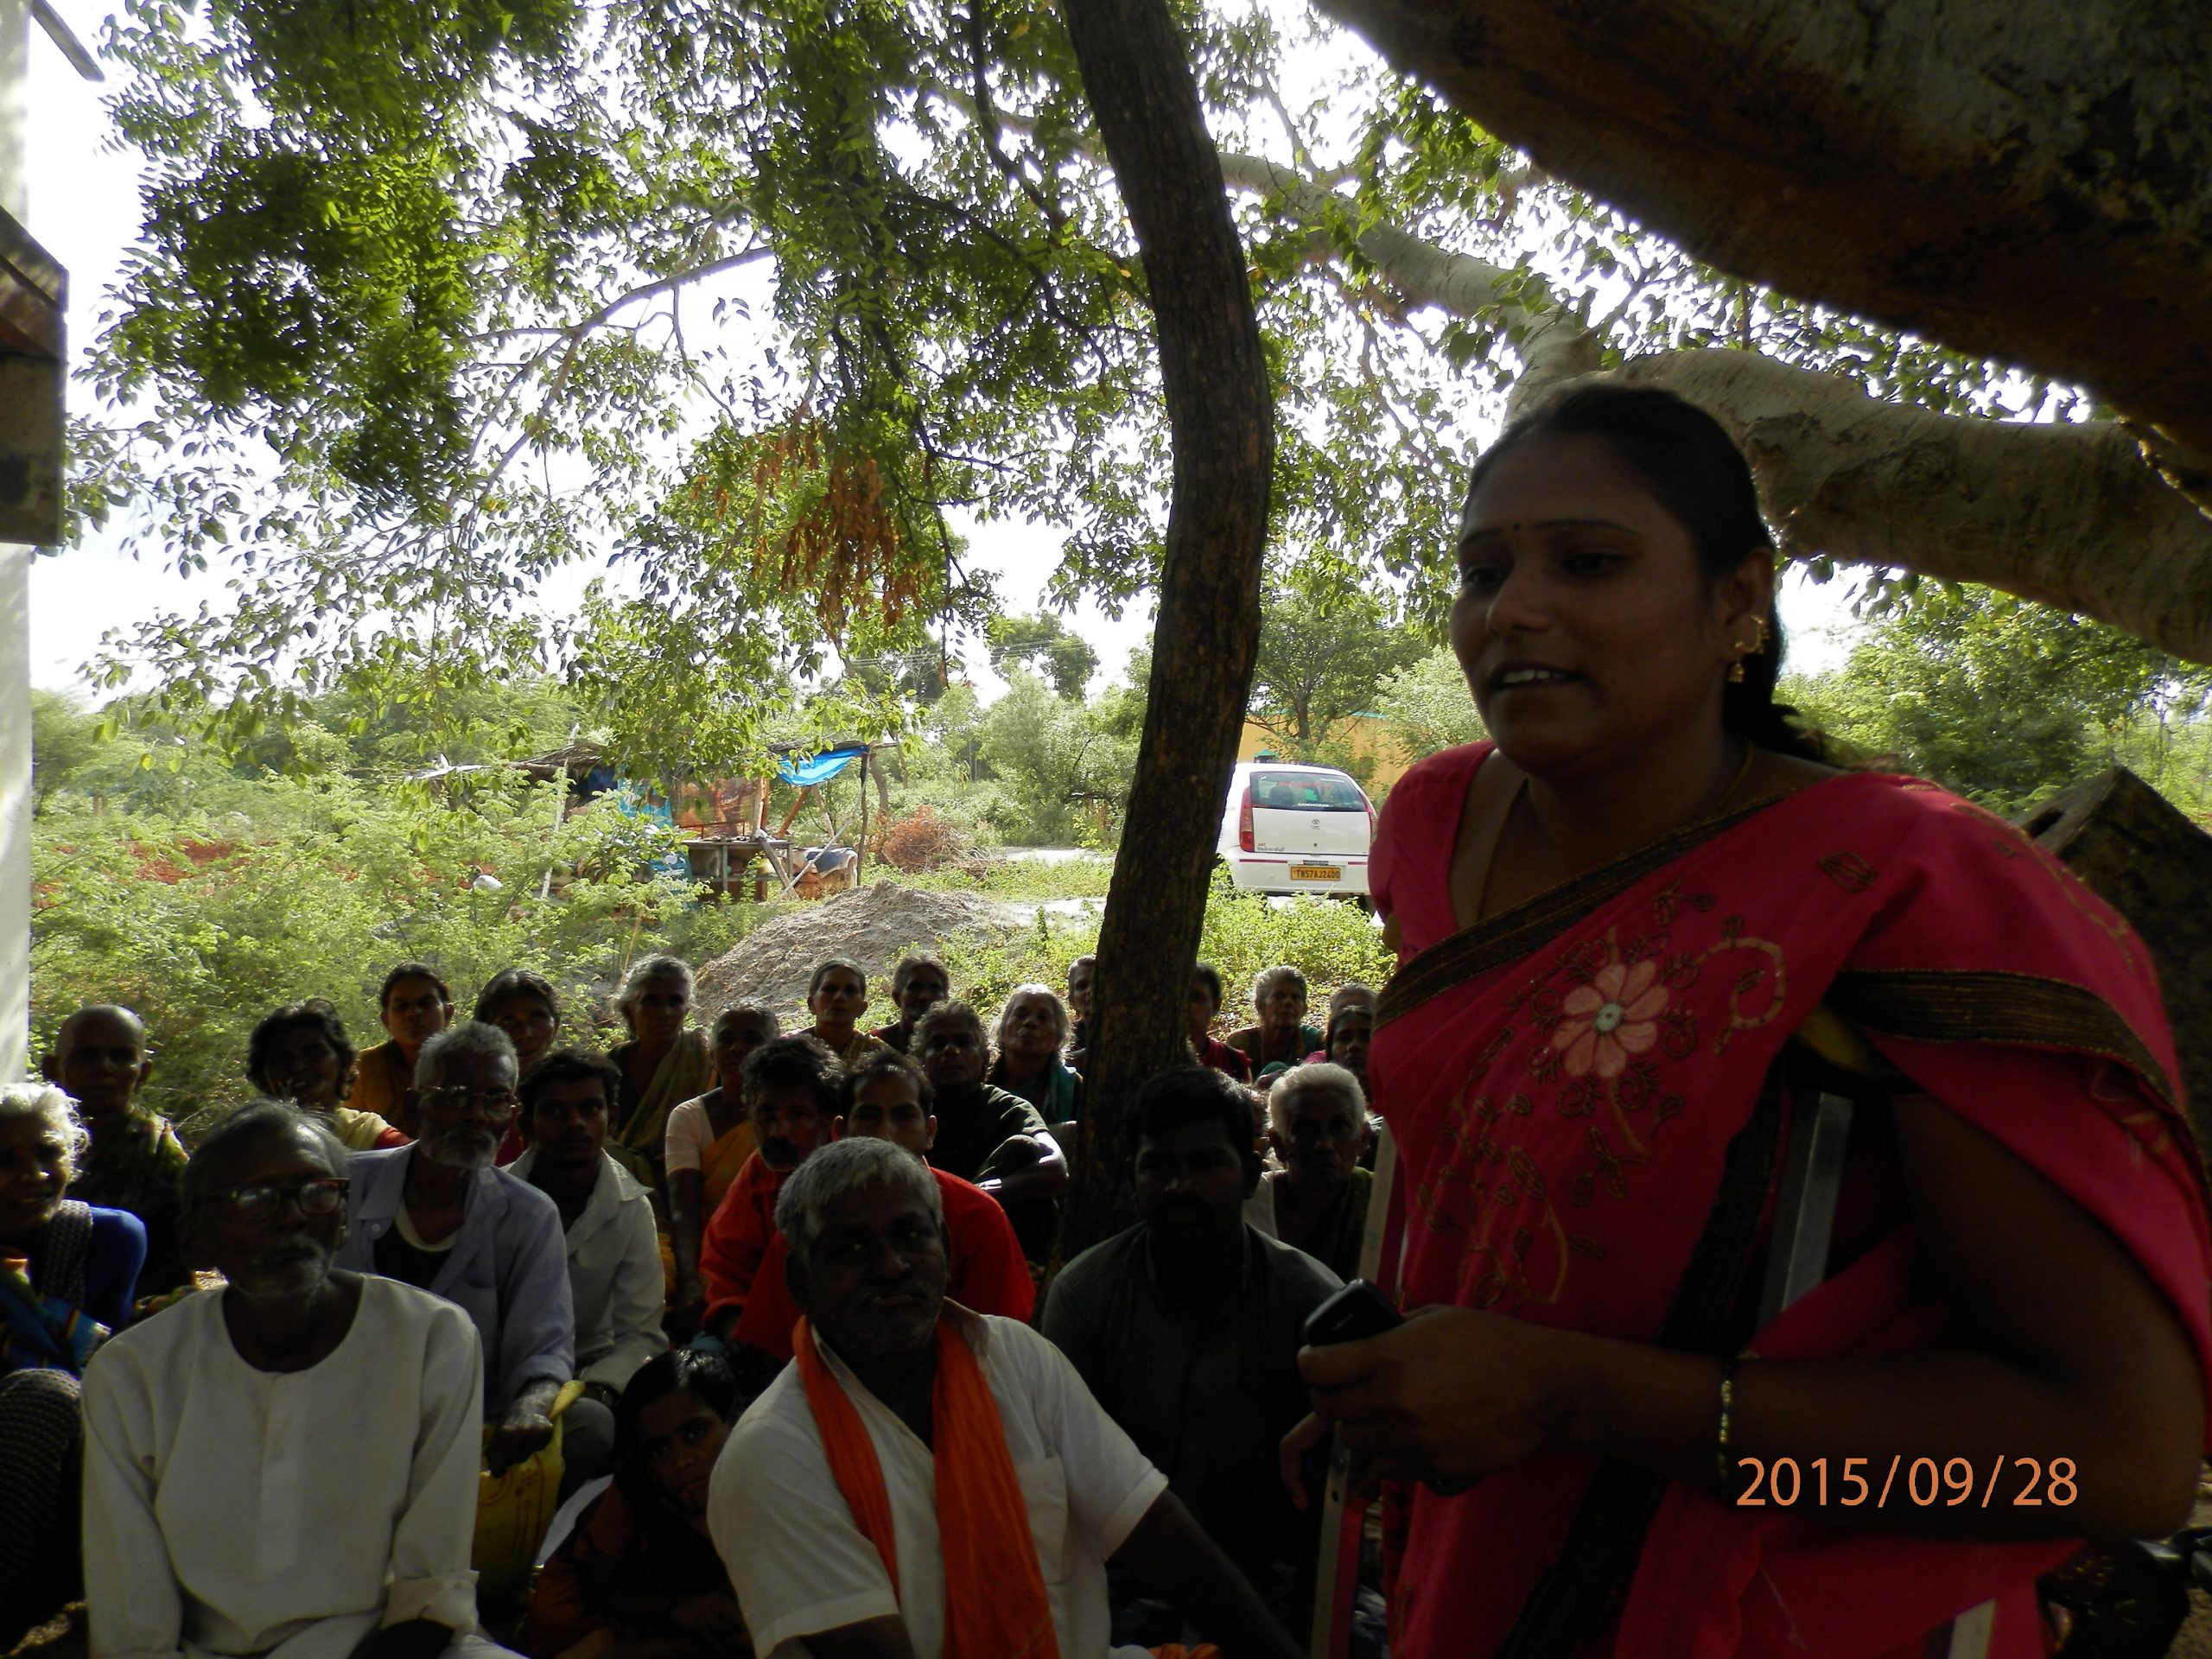 Neelavathi organizing a community meeting